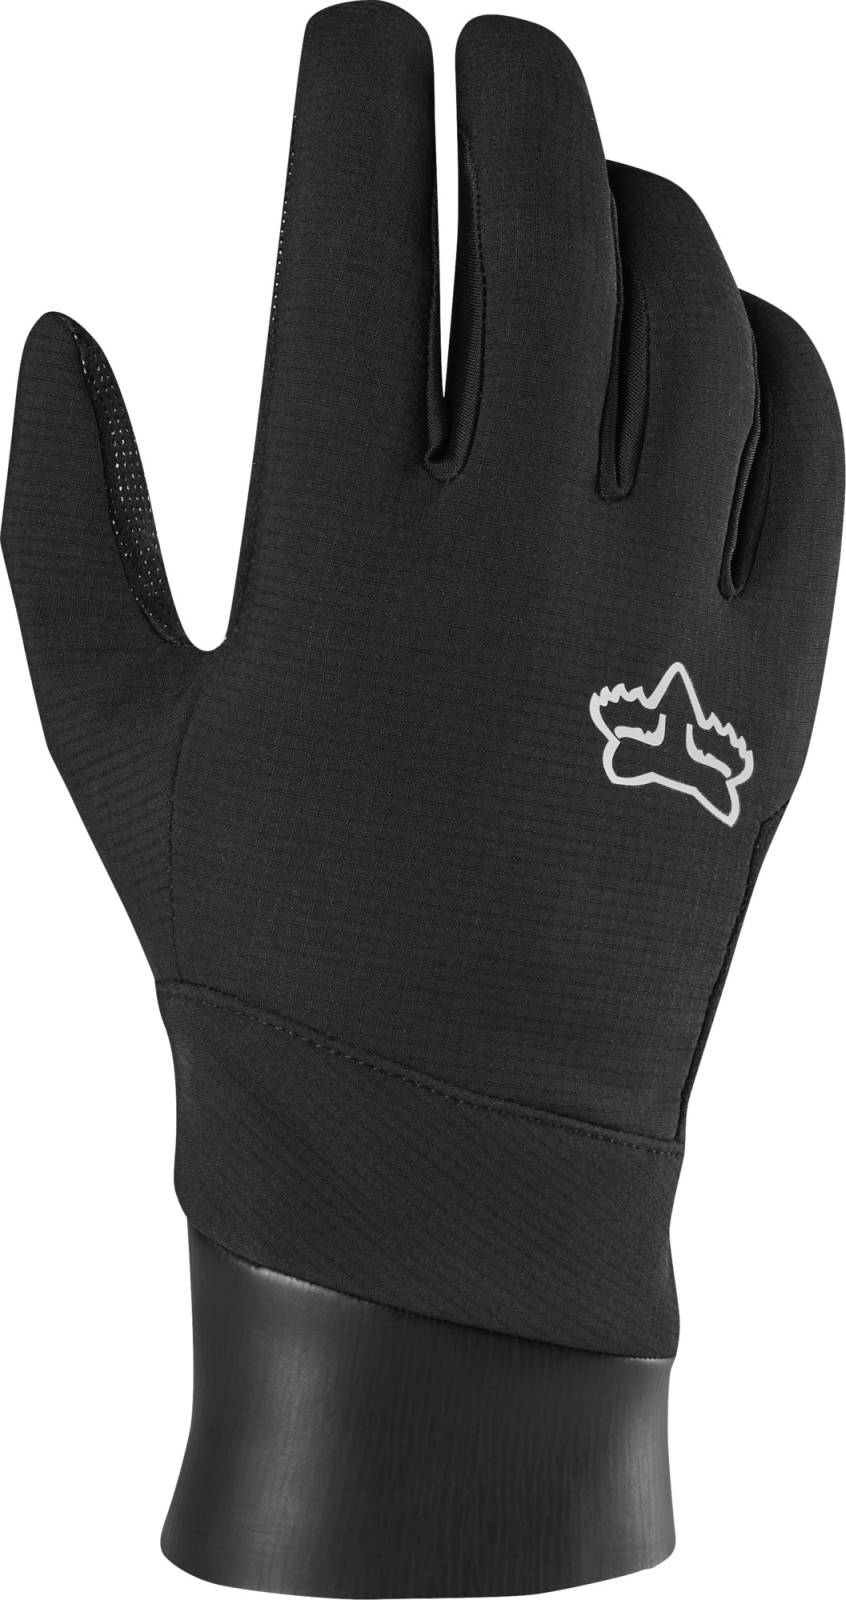 Fox Attack Pro Fire Glove - black XL